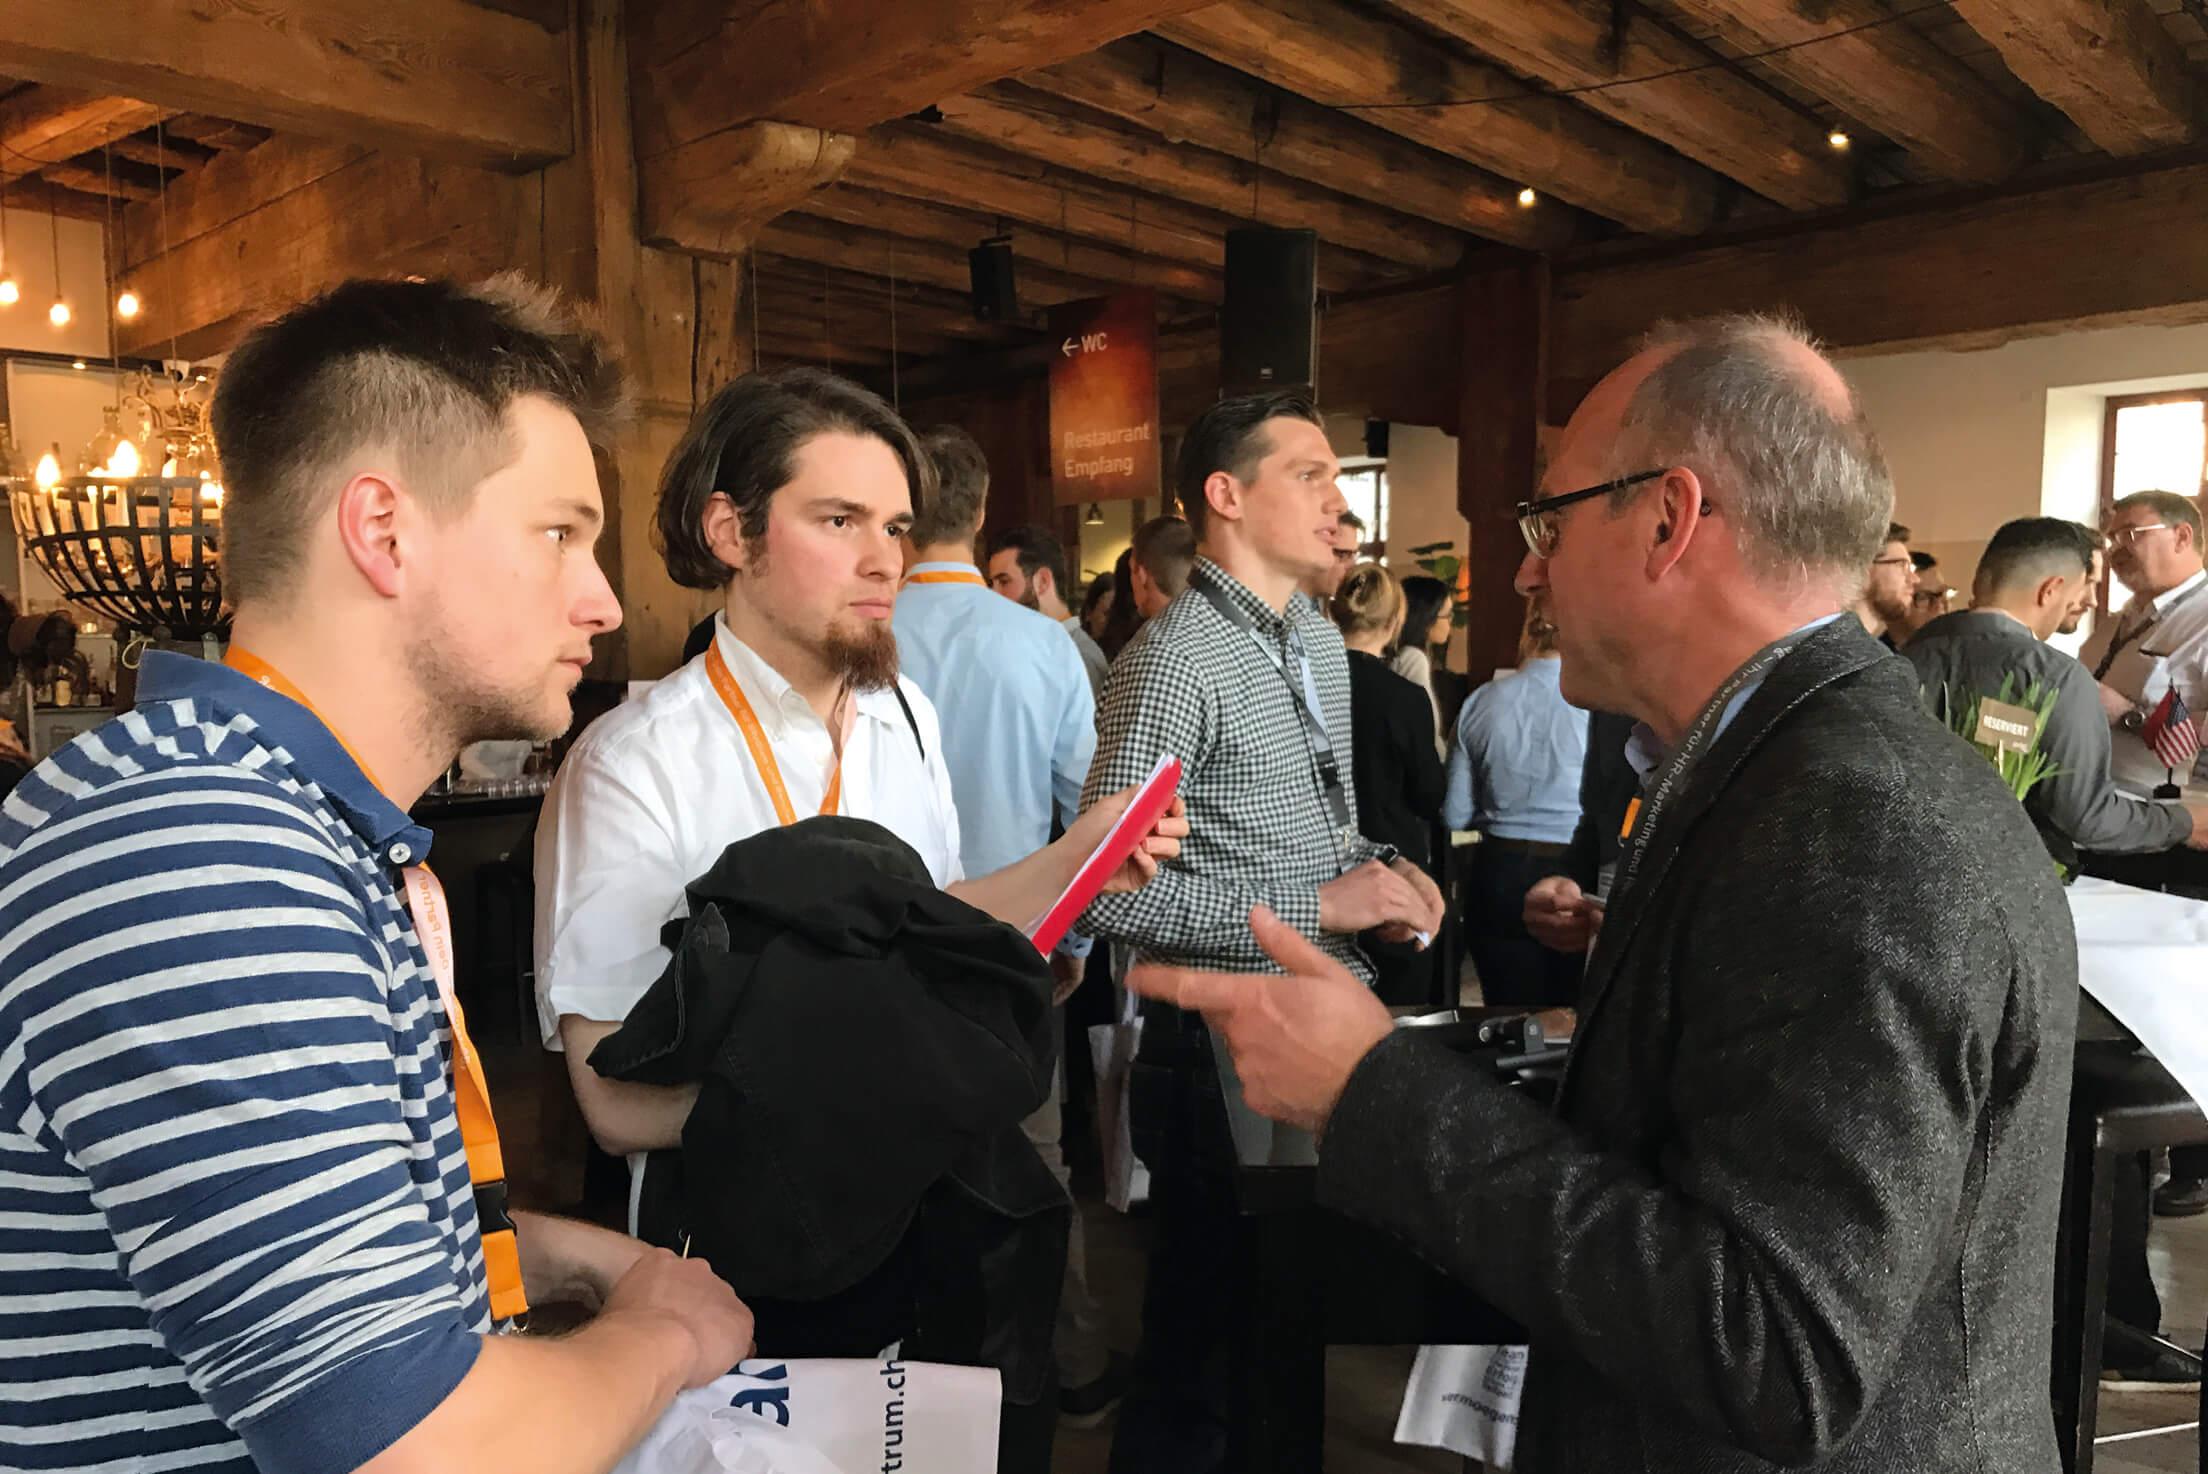 Sprungbrett-Event Schaffhausen 2018